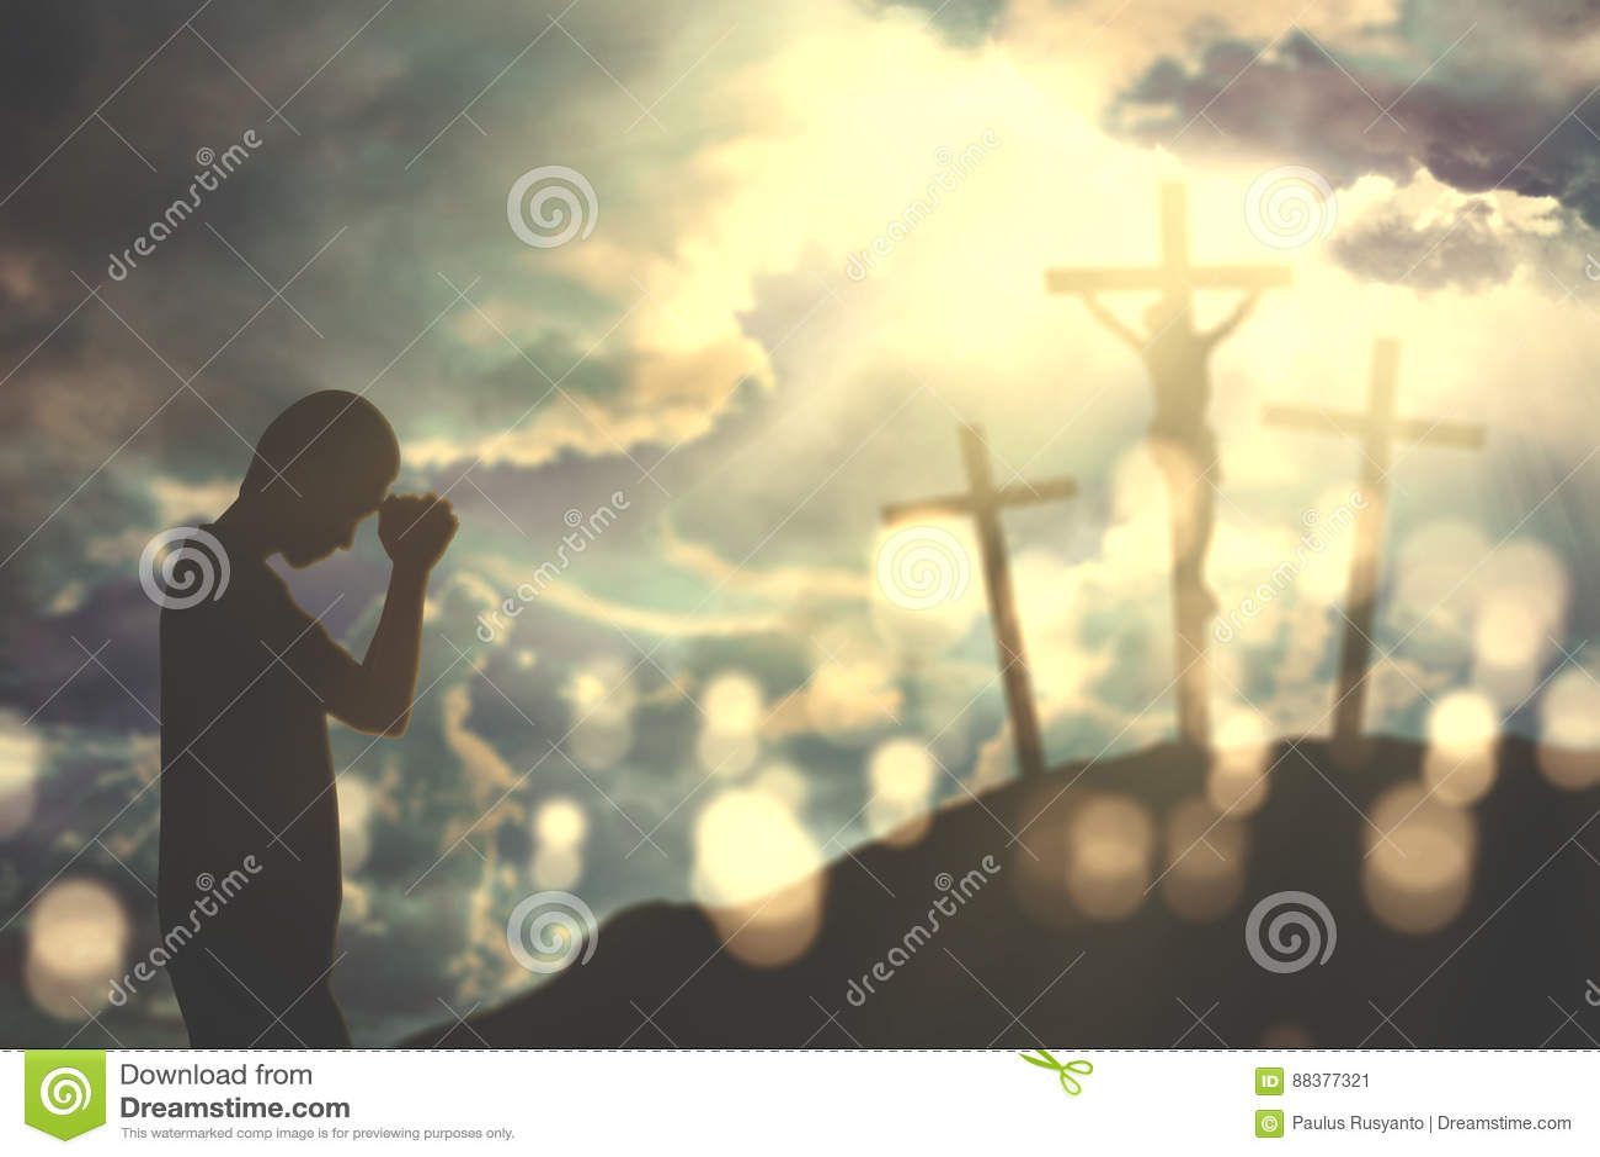 Siluetta di giovane uomo cristiano che prega a Dio con tre croci nella  collina 17e27157c59